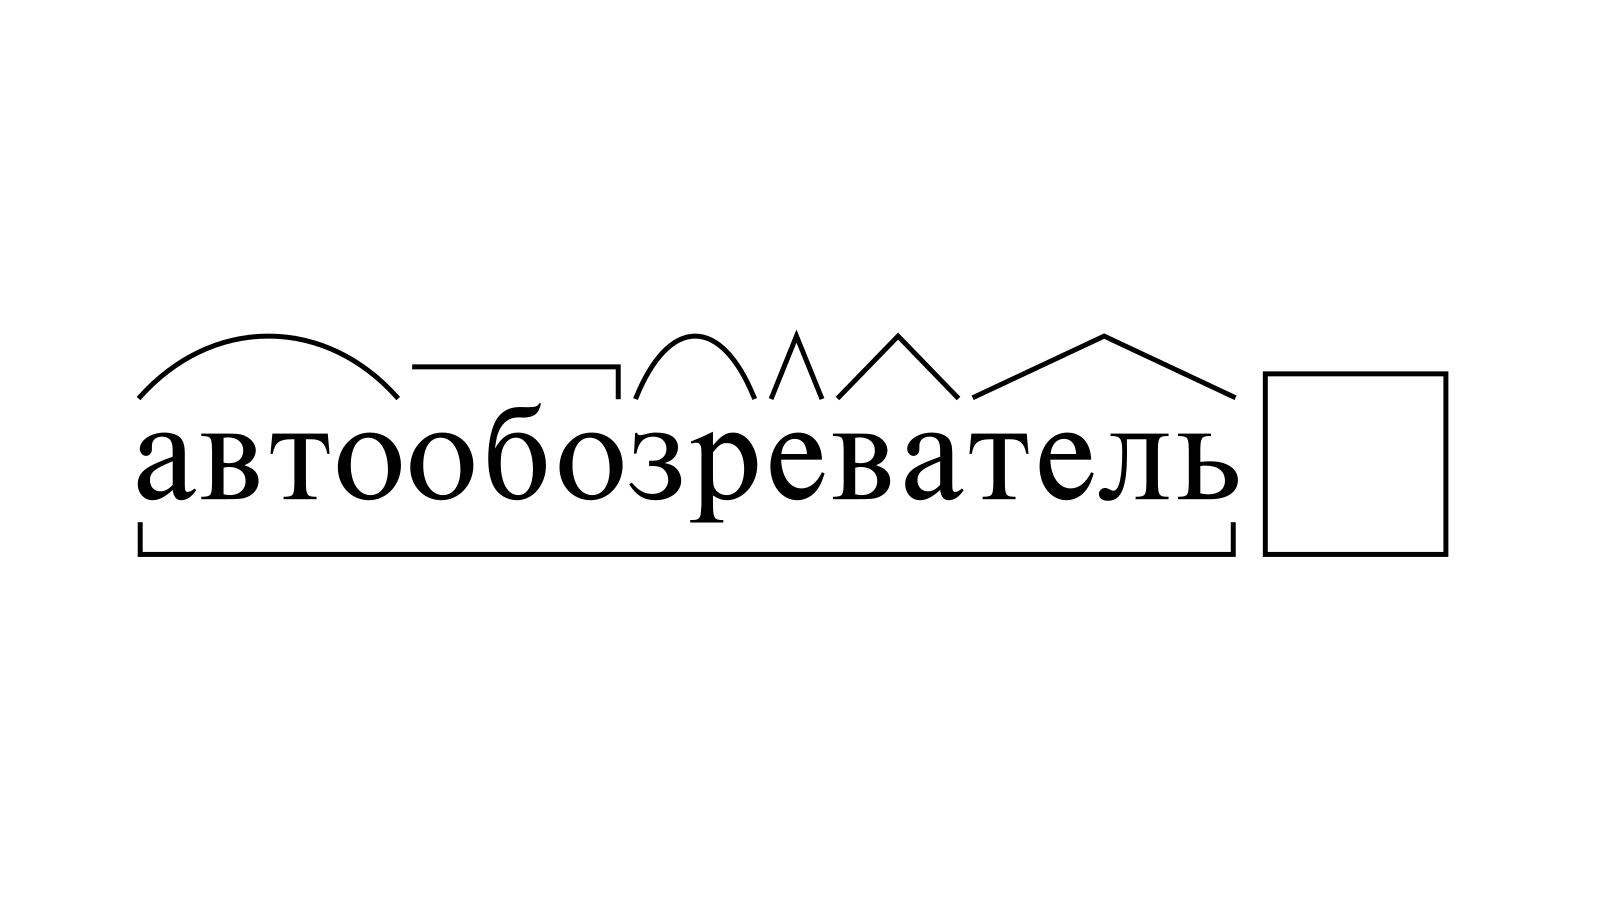 Разбор слова «автообозреватель» по составу